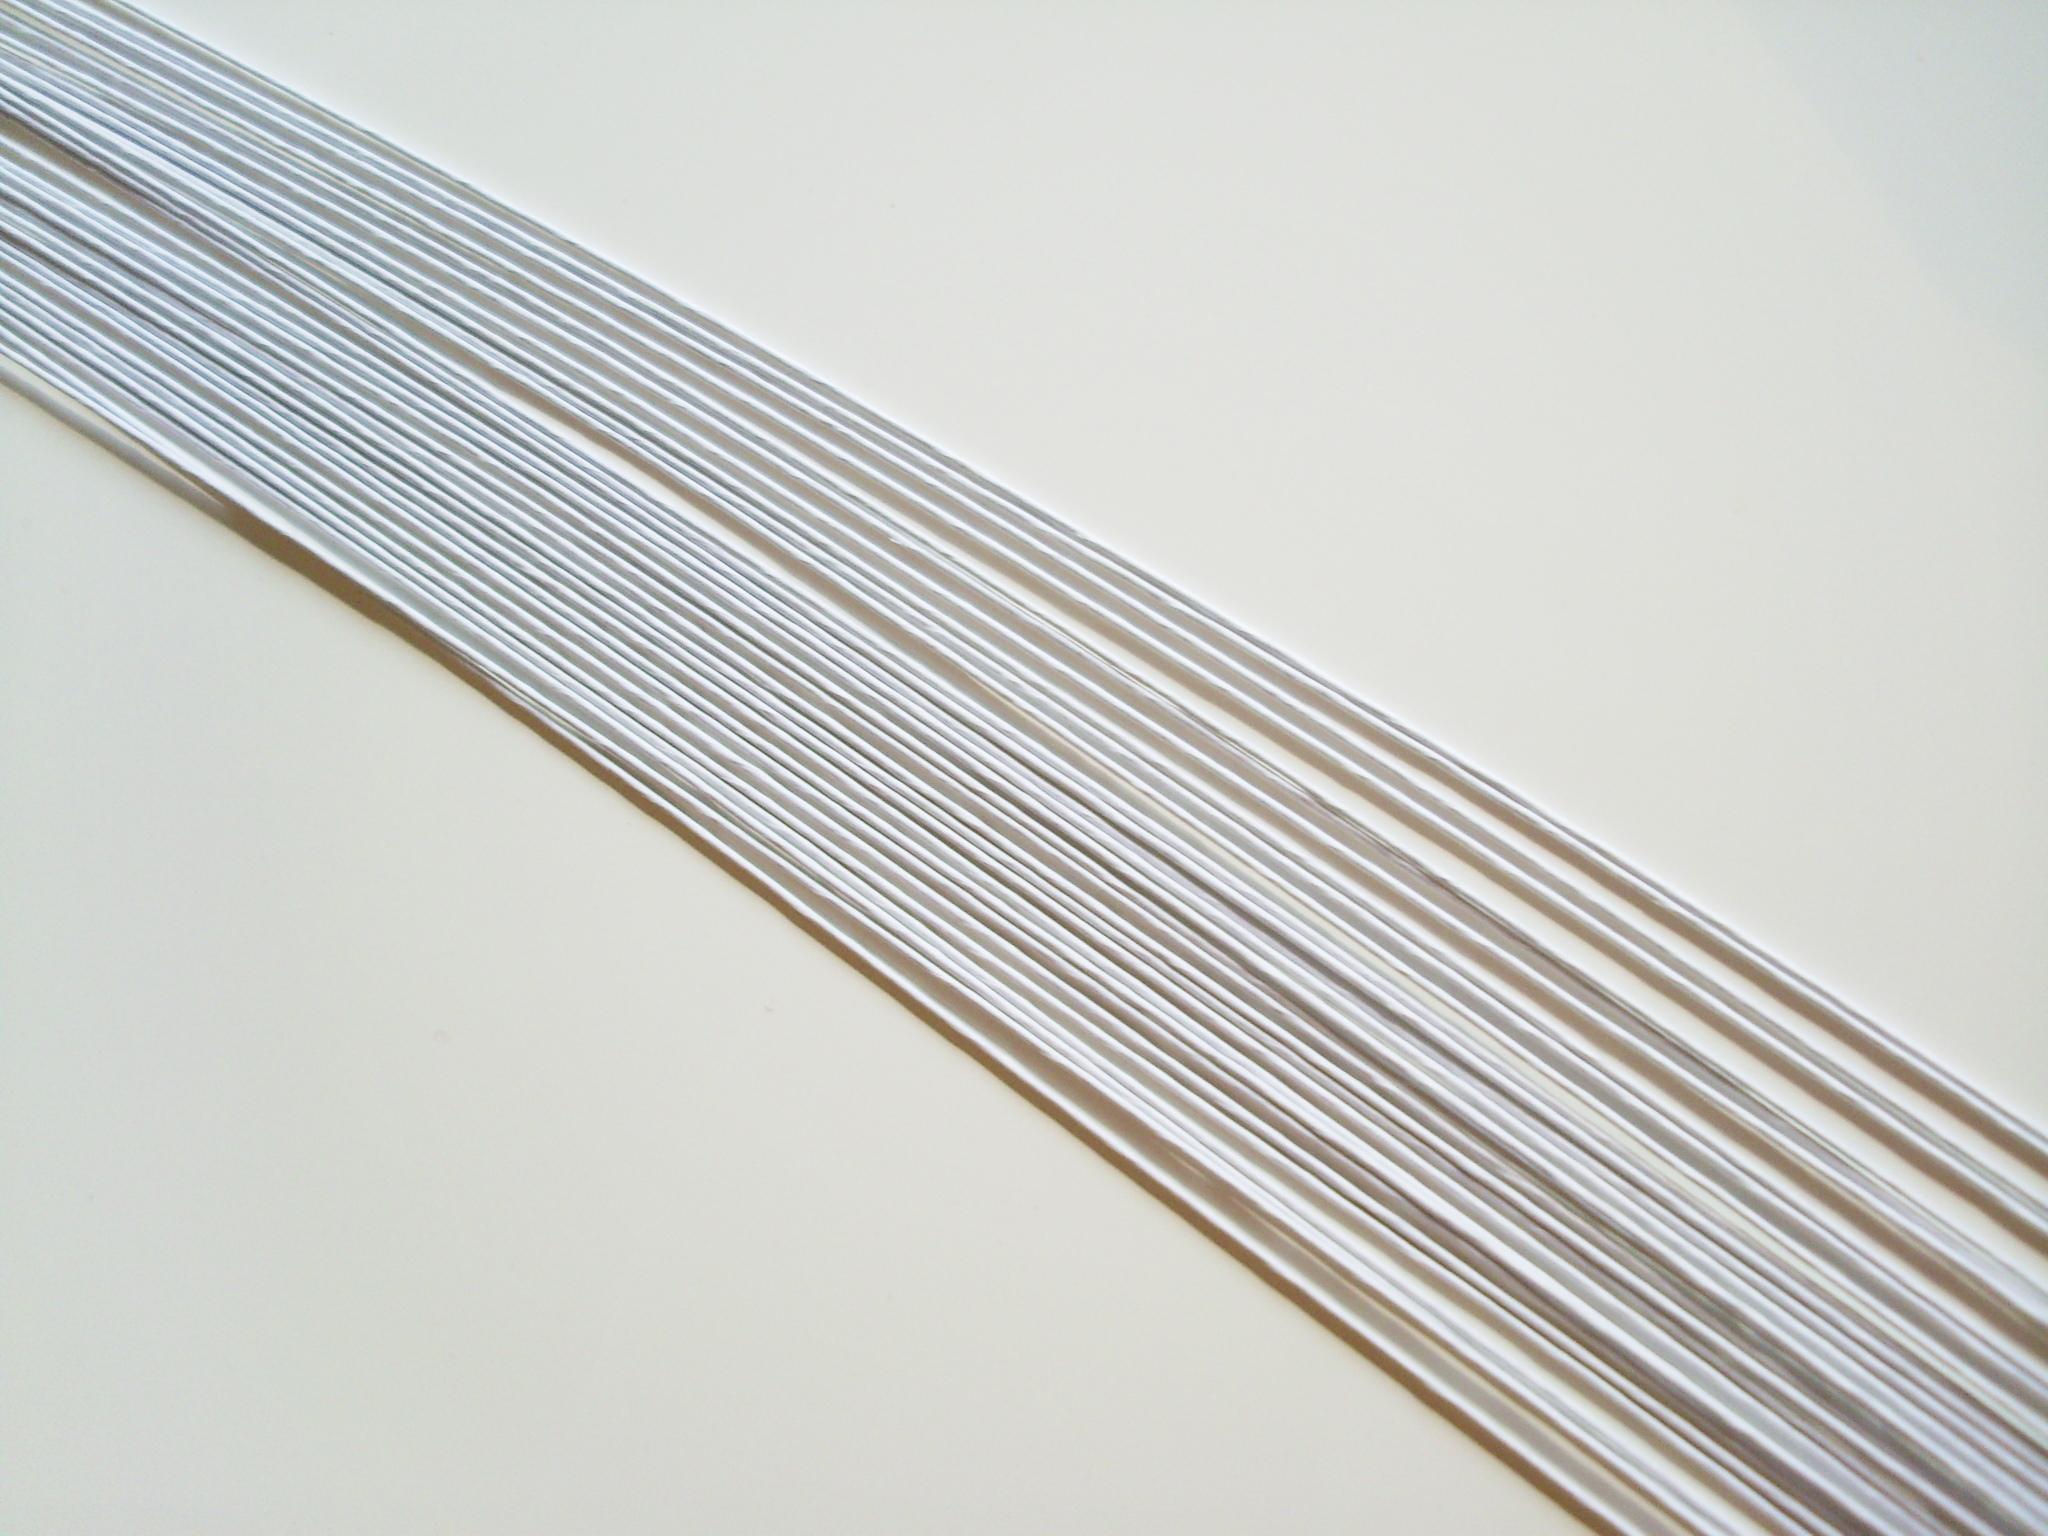 Blumendraht 20 gauge Weiß